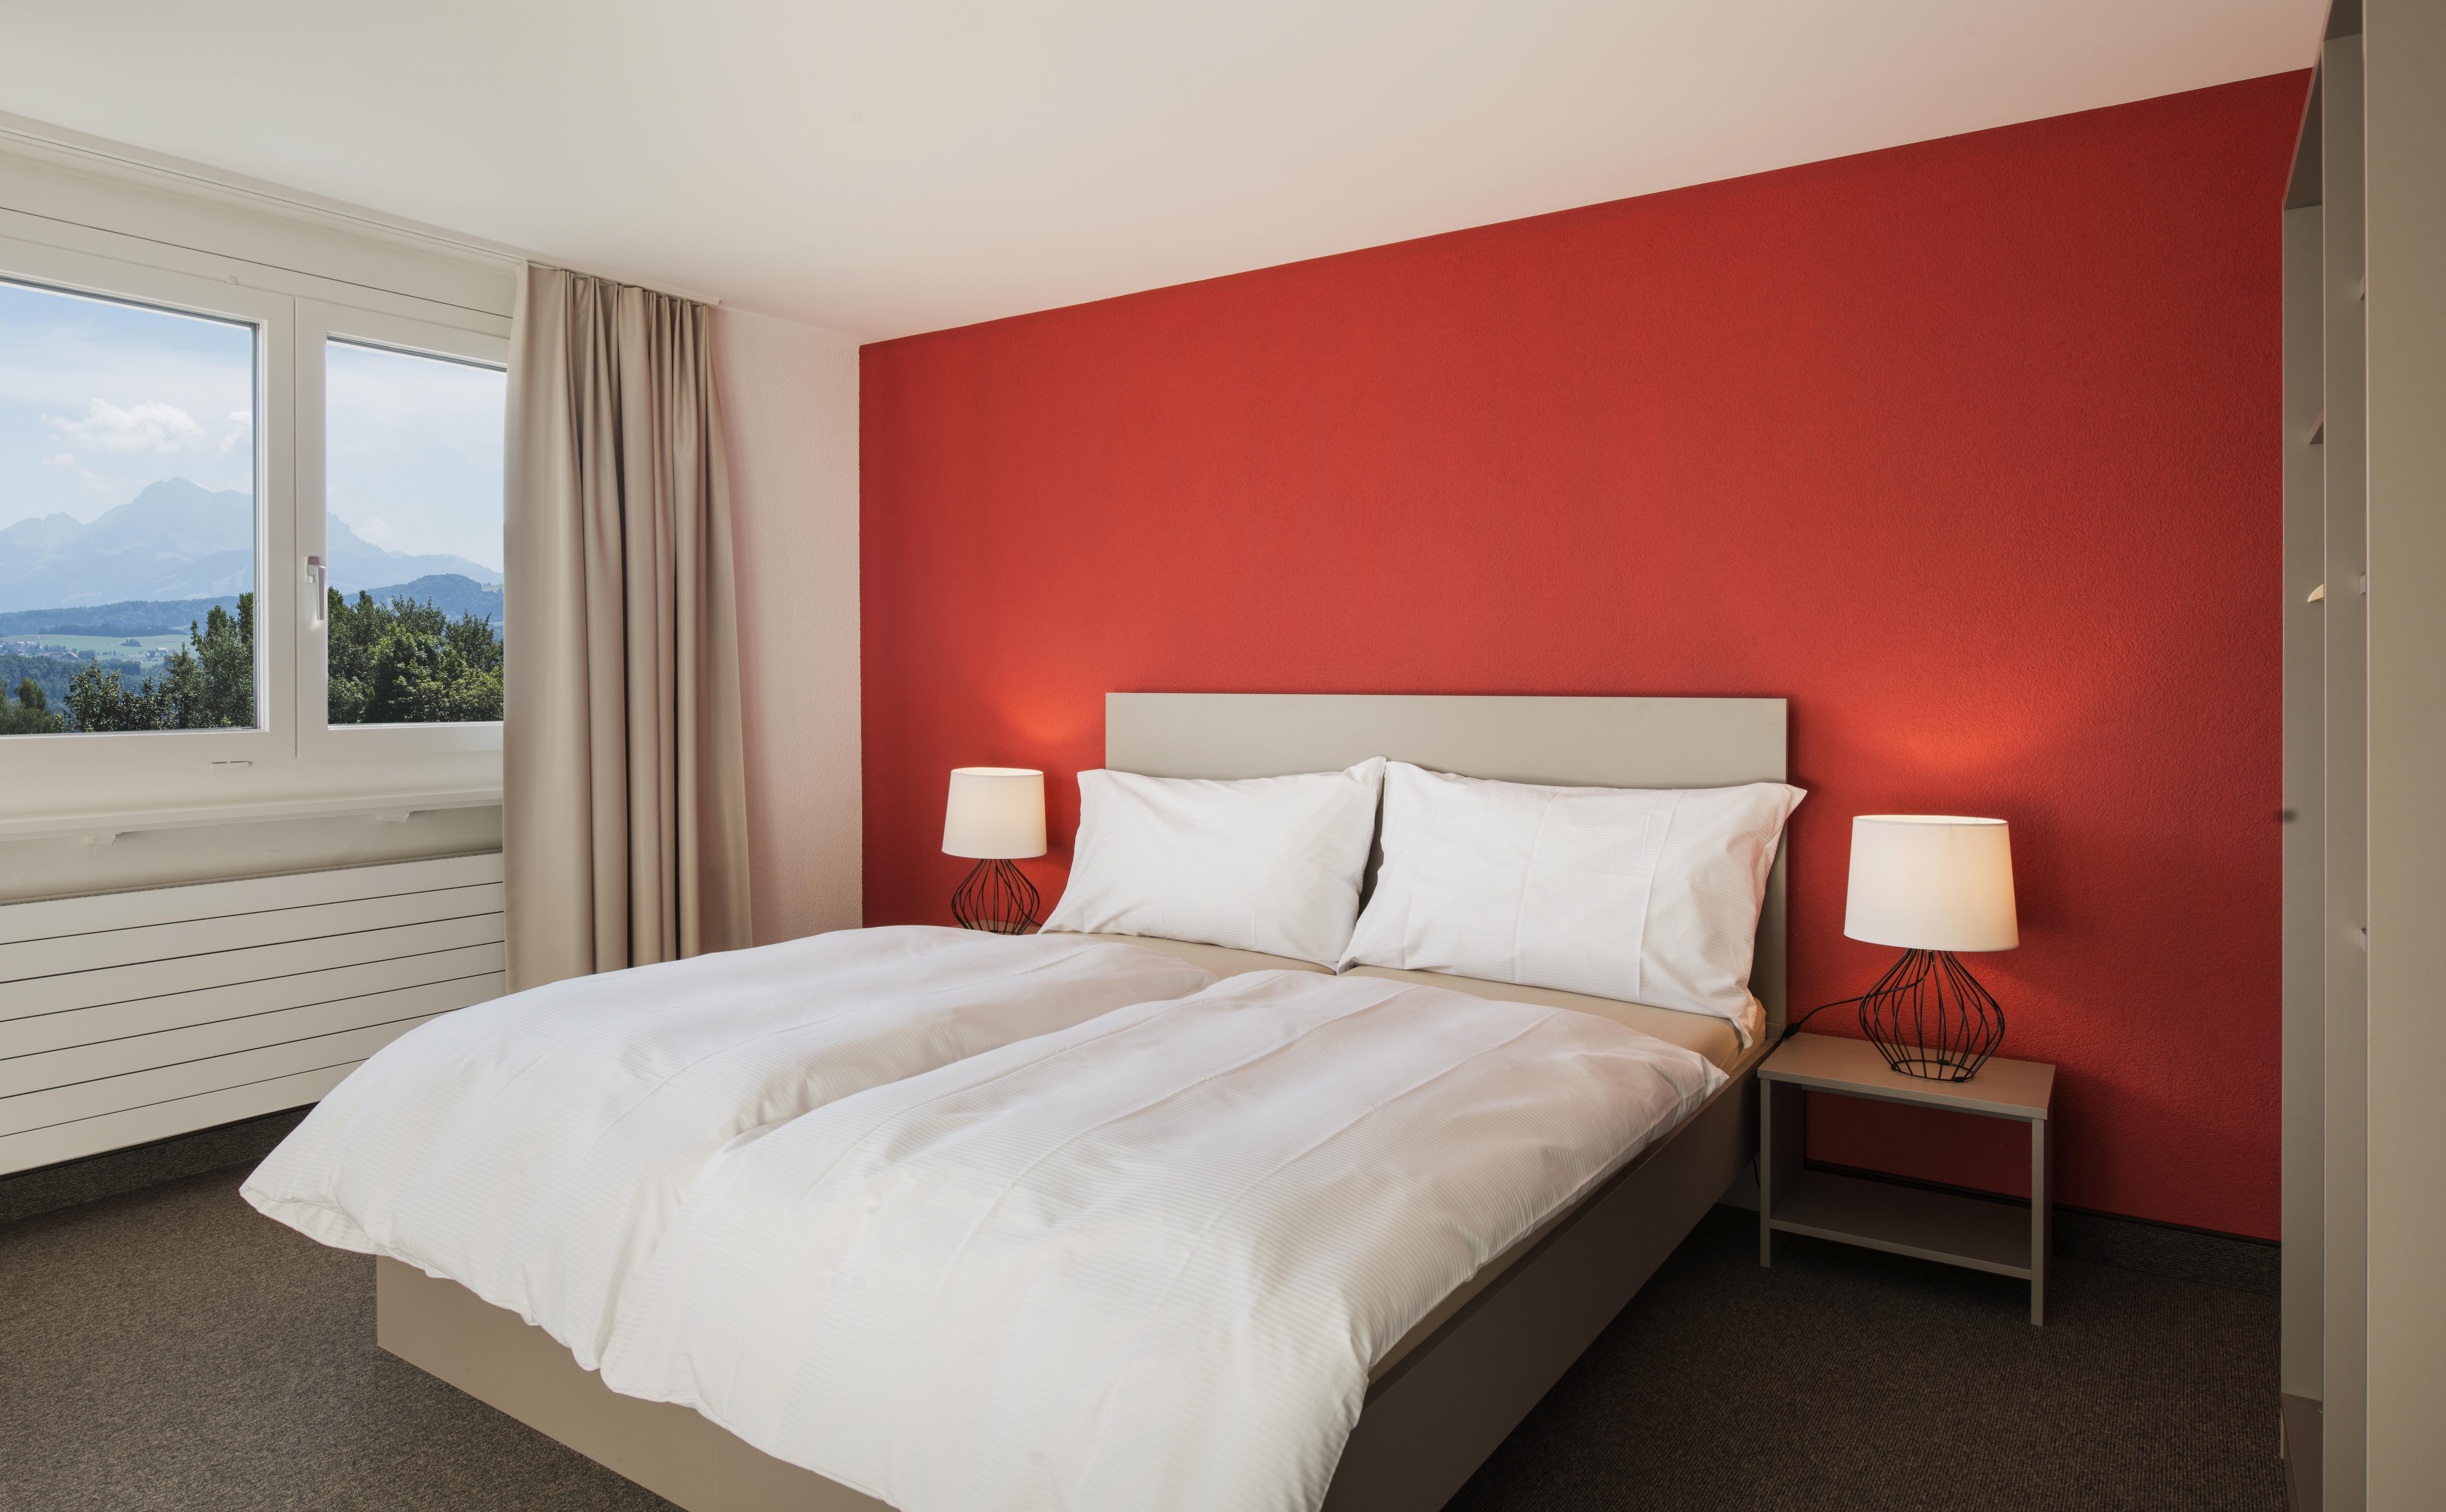 Chambre double avec mur rouge au Domaine-Notre-Dame de la Route